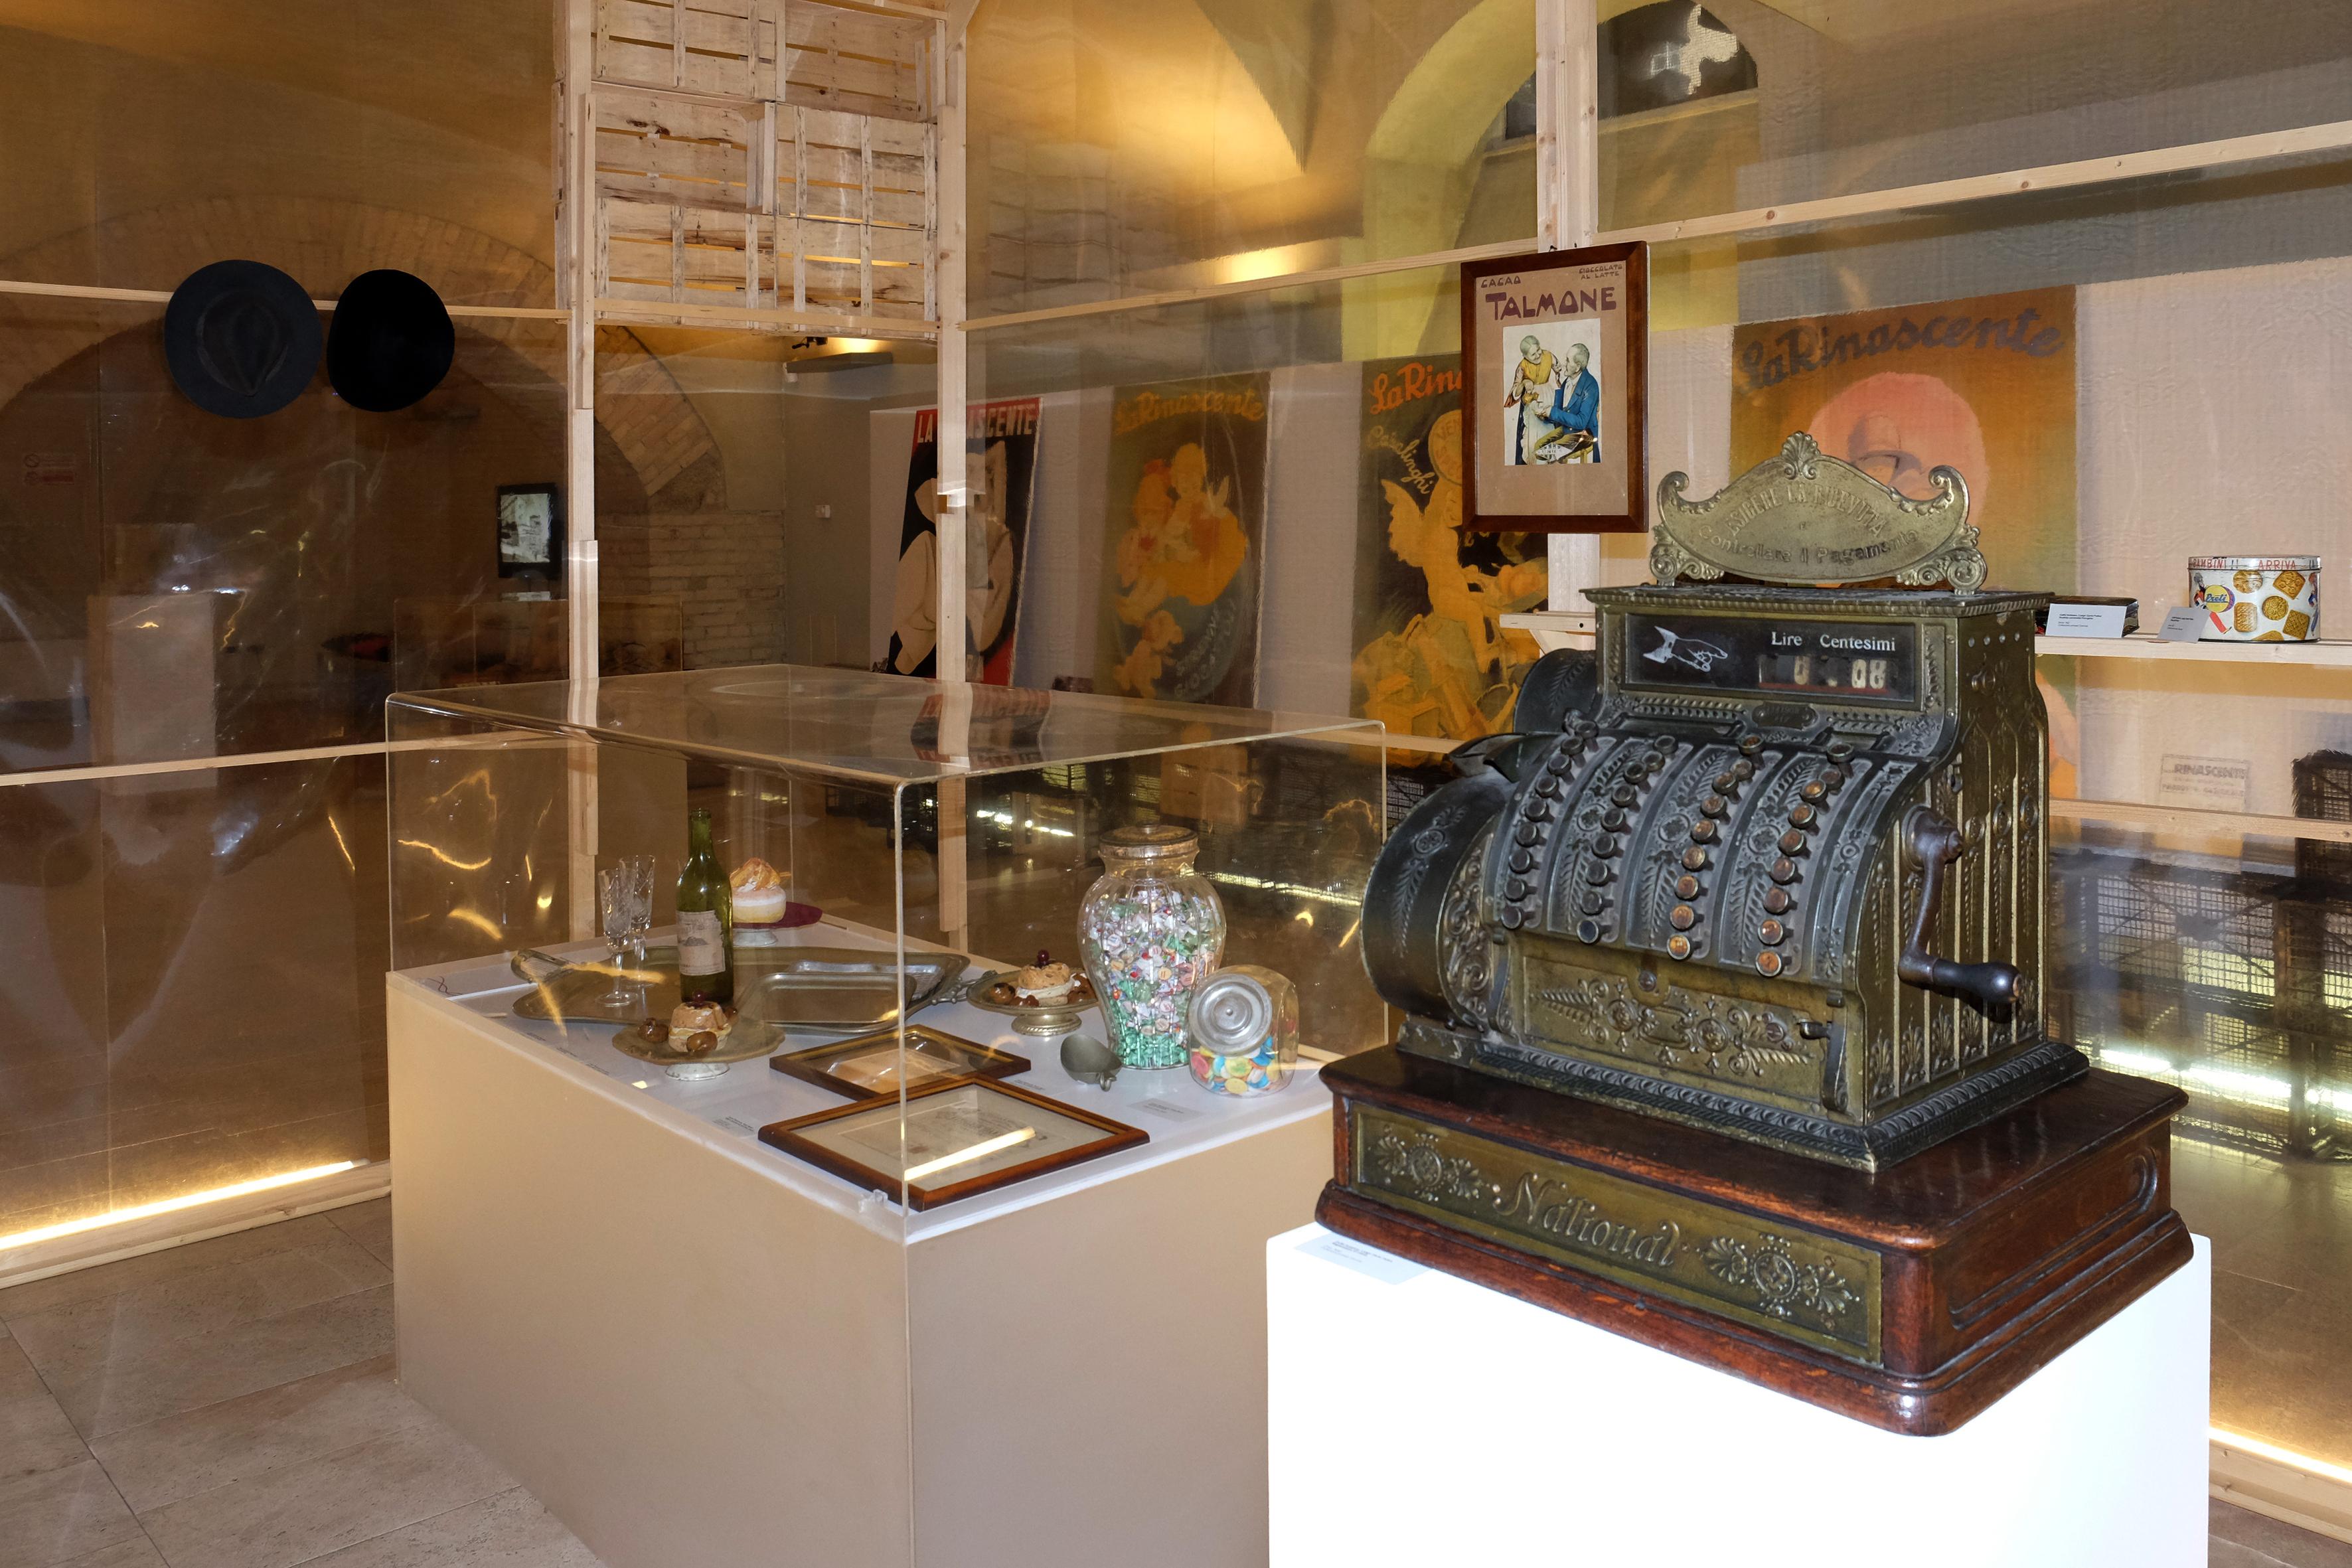 """1 Inaugurata il 14 marzo a Cagliari ai Musei Civici la Mostra """"Quando tutto era sotto casa"""" che divisa in 3 Atti ci accompagnerà per tutto il 2014"""